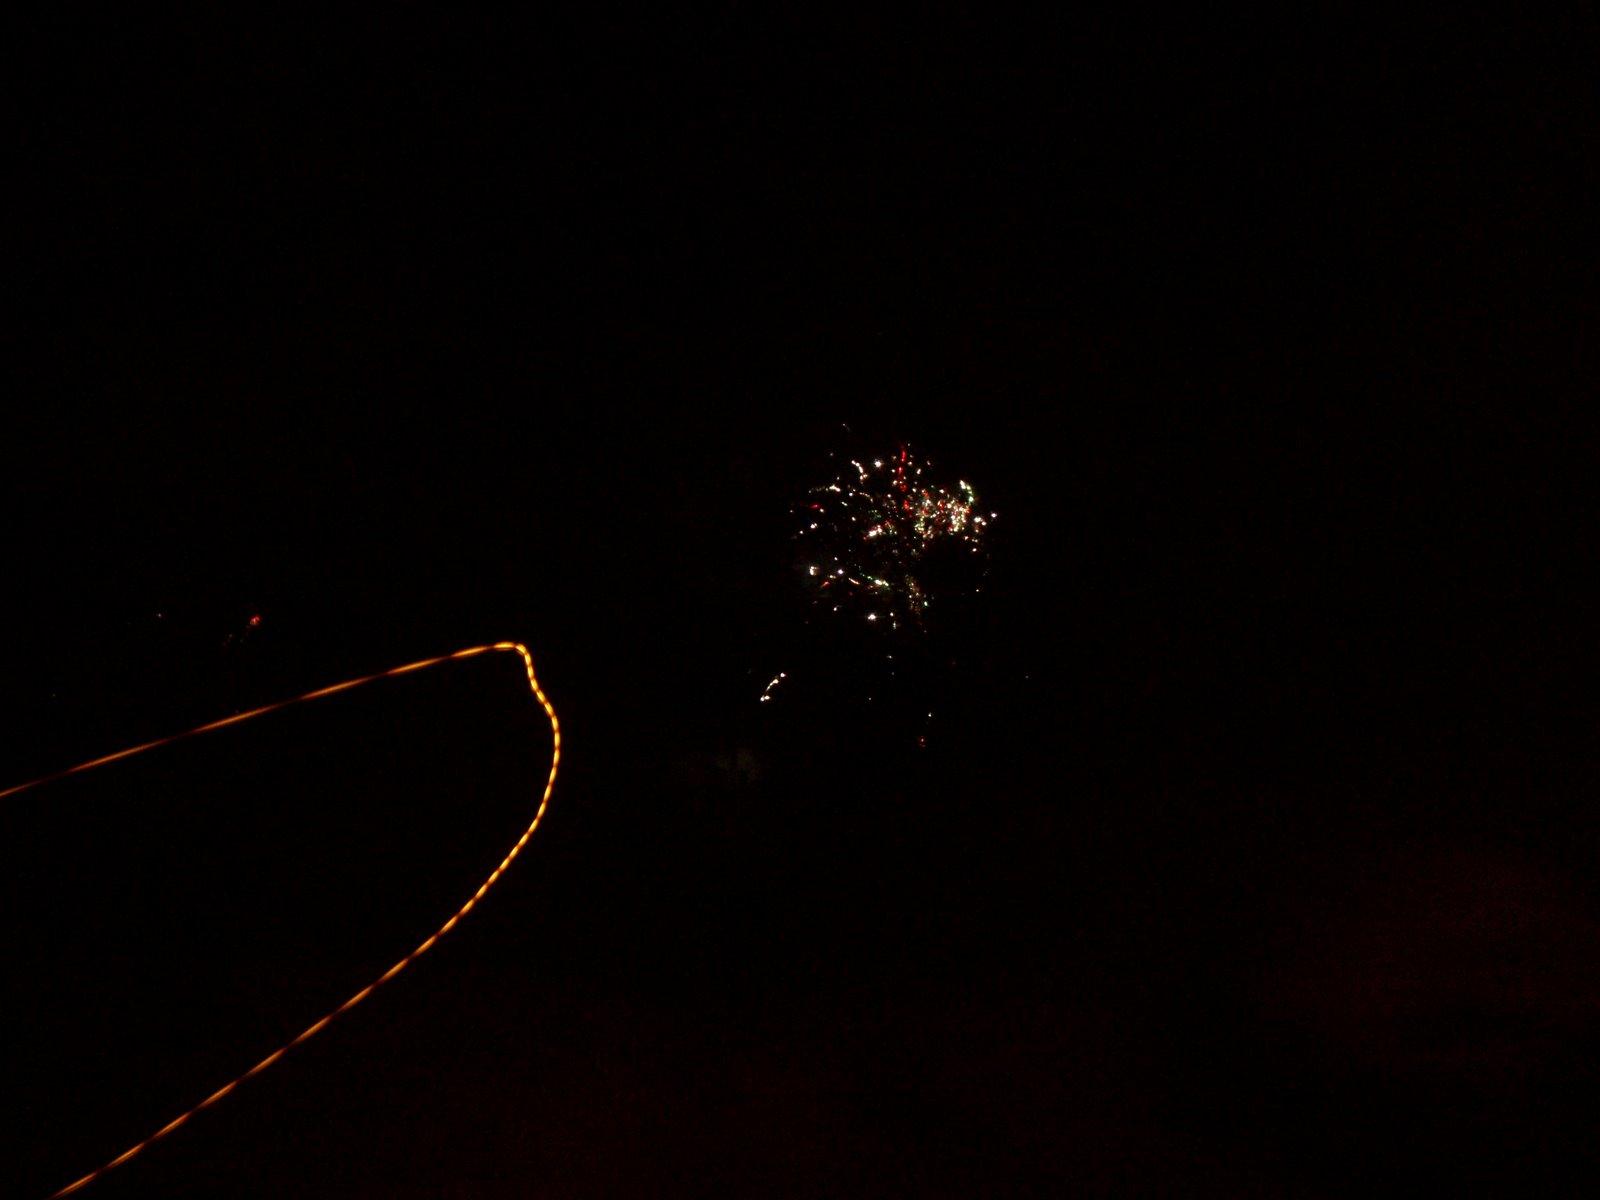 [Firework+New+Years+Eve+2008+-+3.JPG]